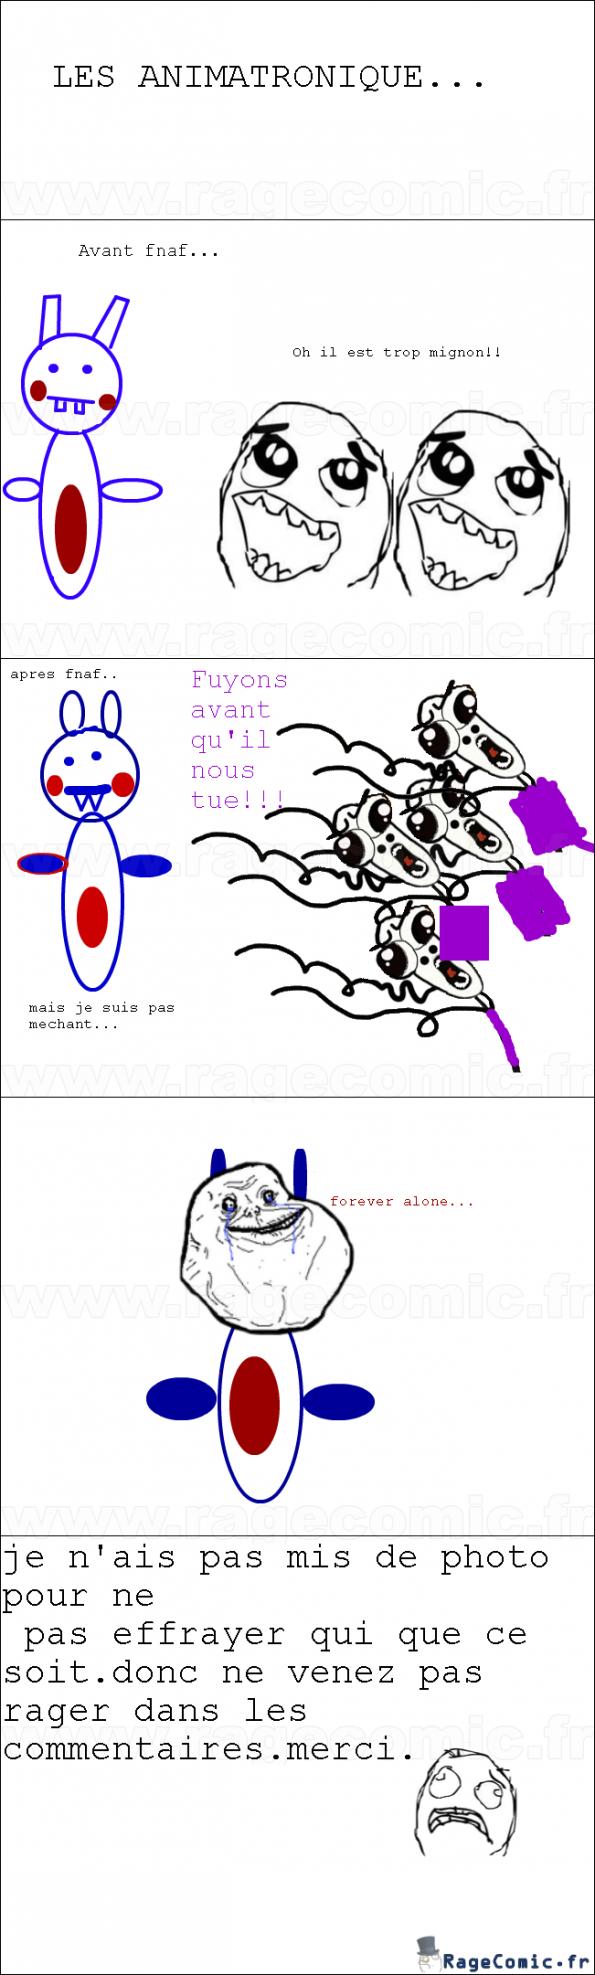 Les animatronique